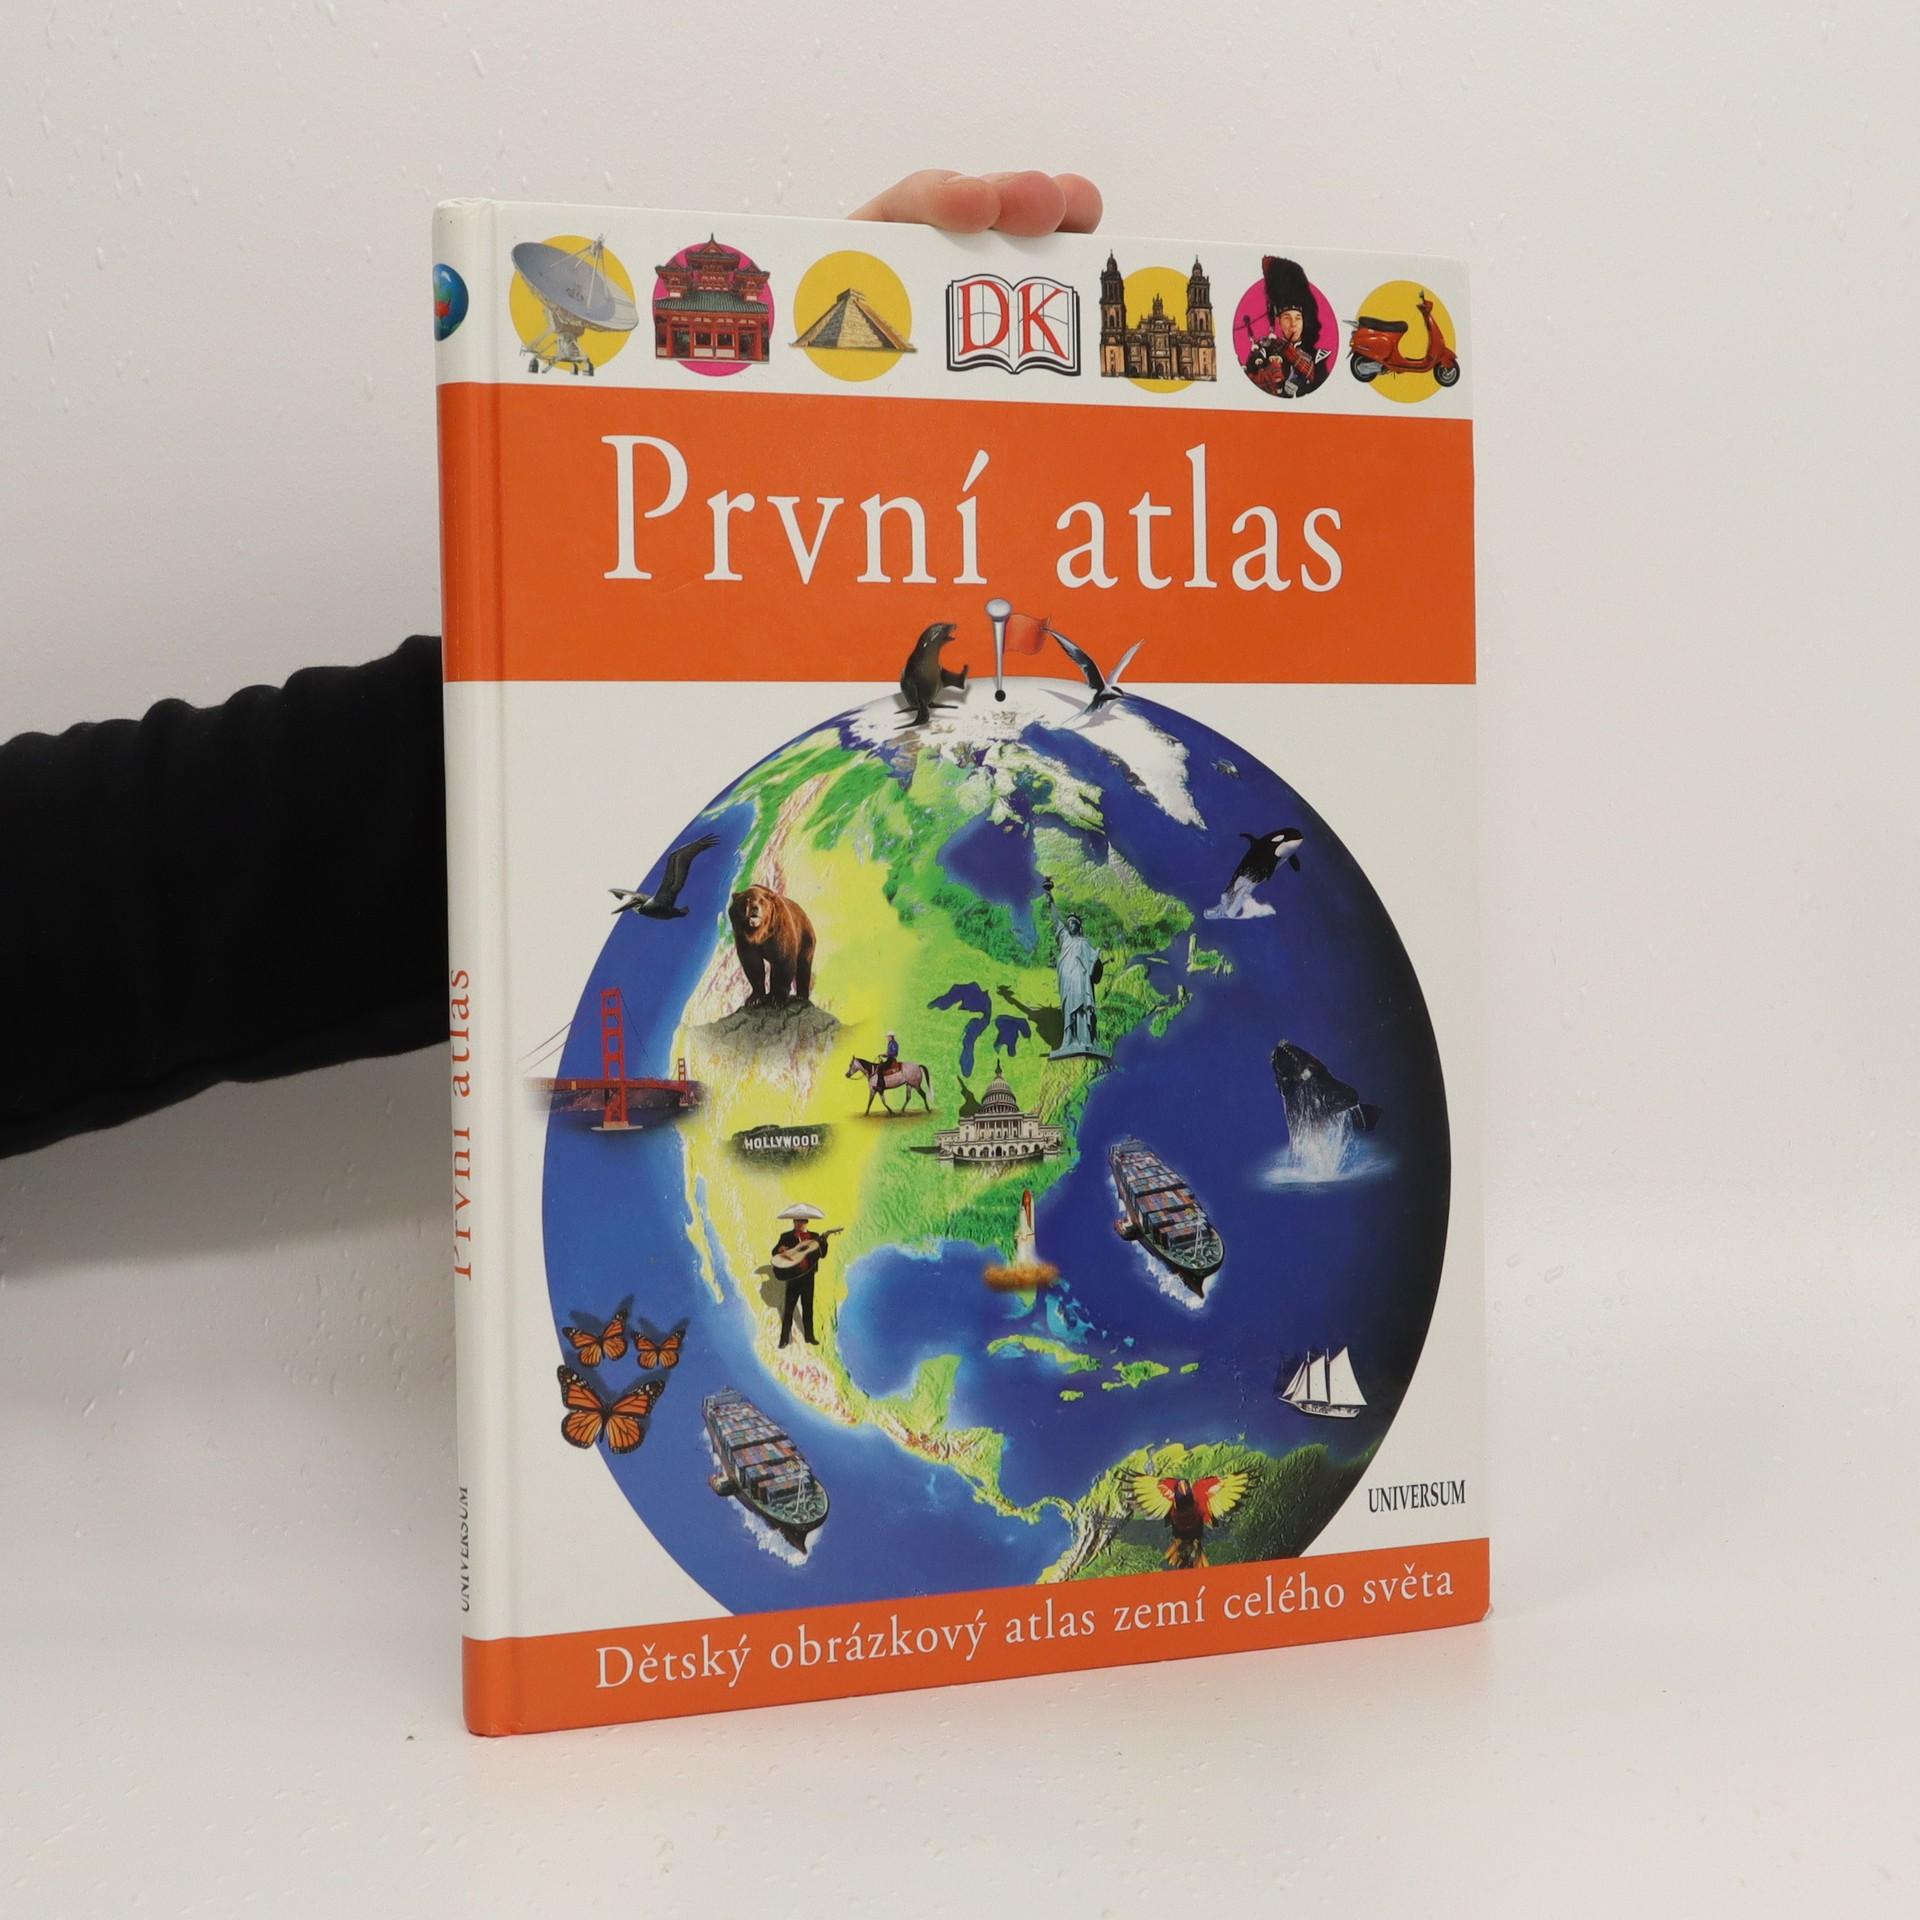 antikvární kniha První atlas. Dětský obrázkový atlas zemí celého světa, 2006